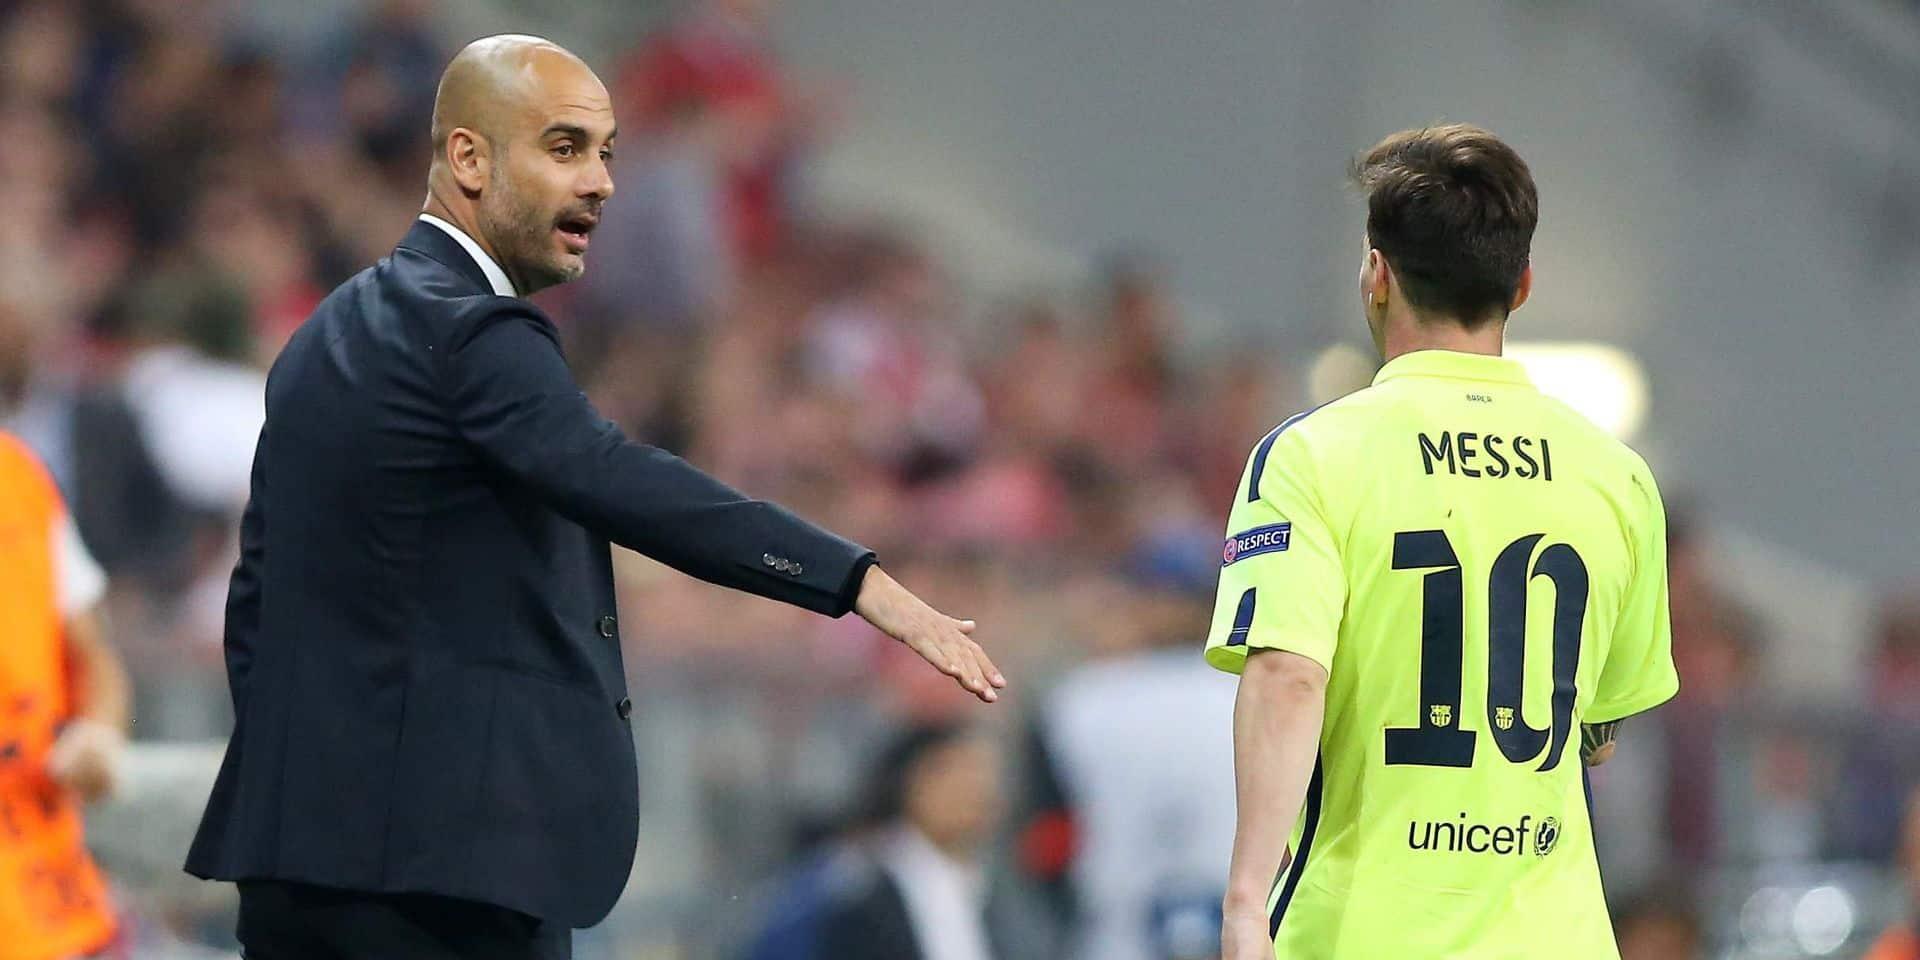 Rebondissement dans la saga Messi: Manchester City se heurte à une grosse difficulté